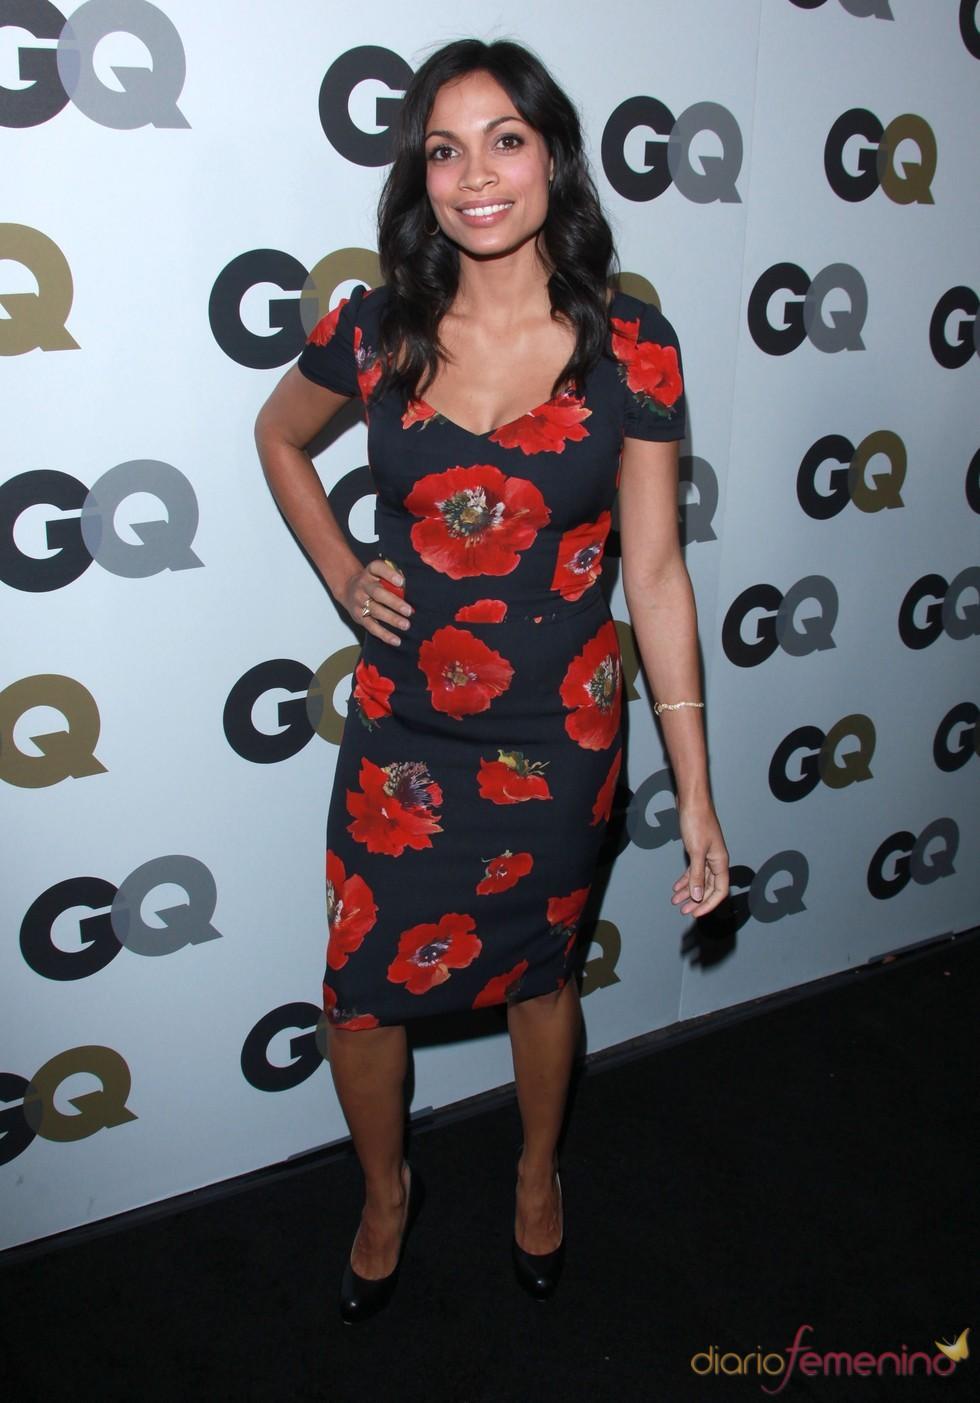 Rosario Dawson en la Fiesta GQ 2010